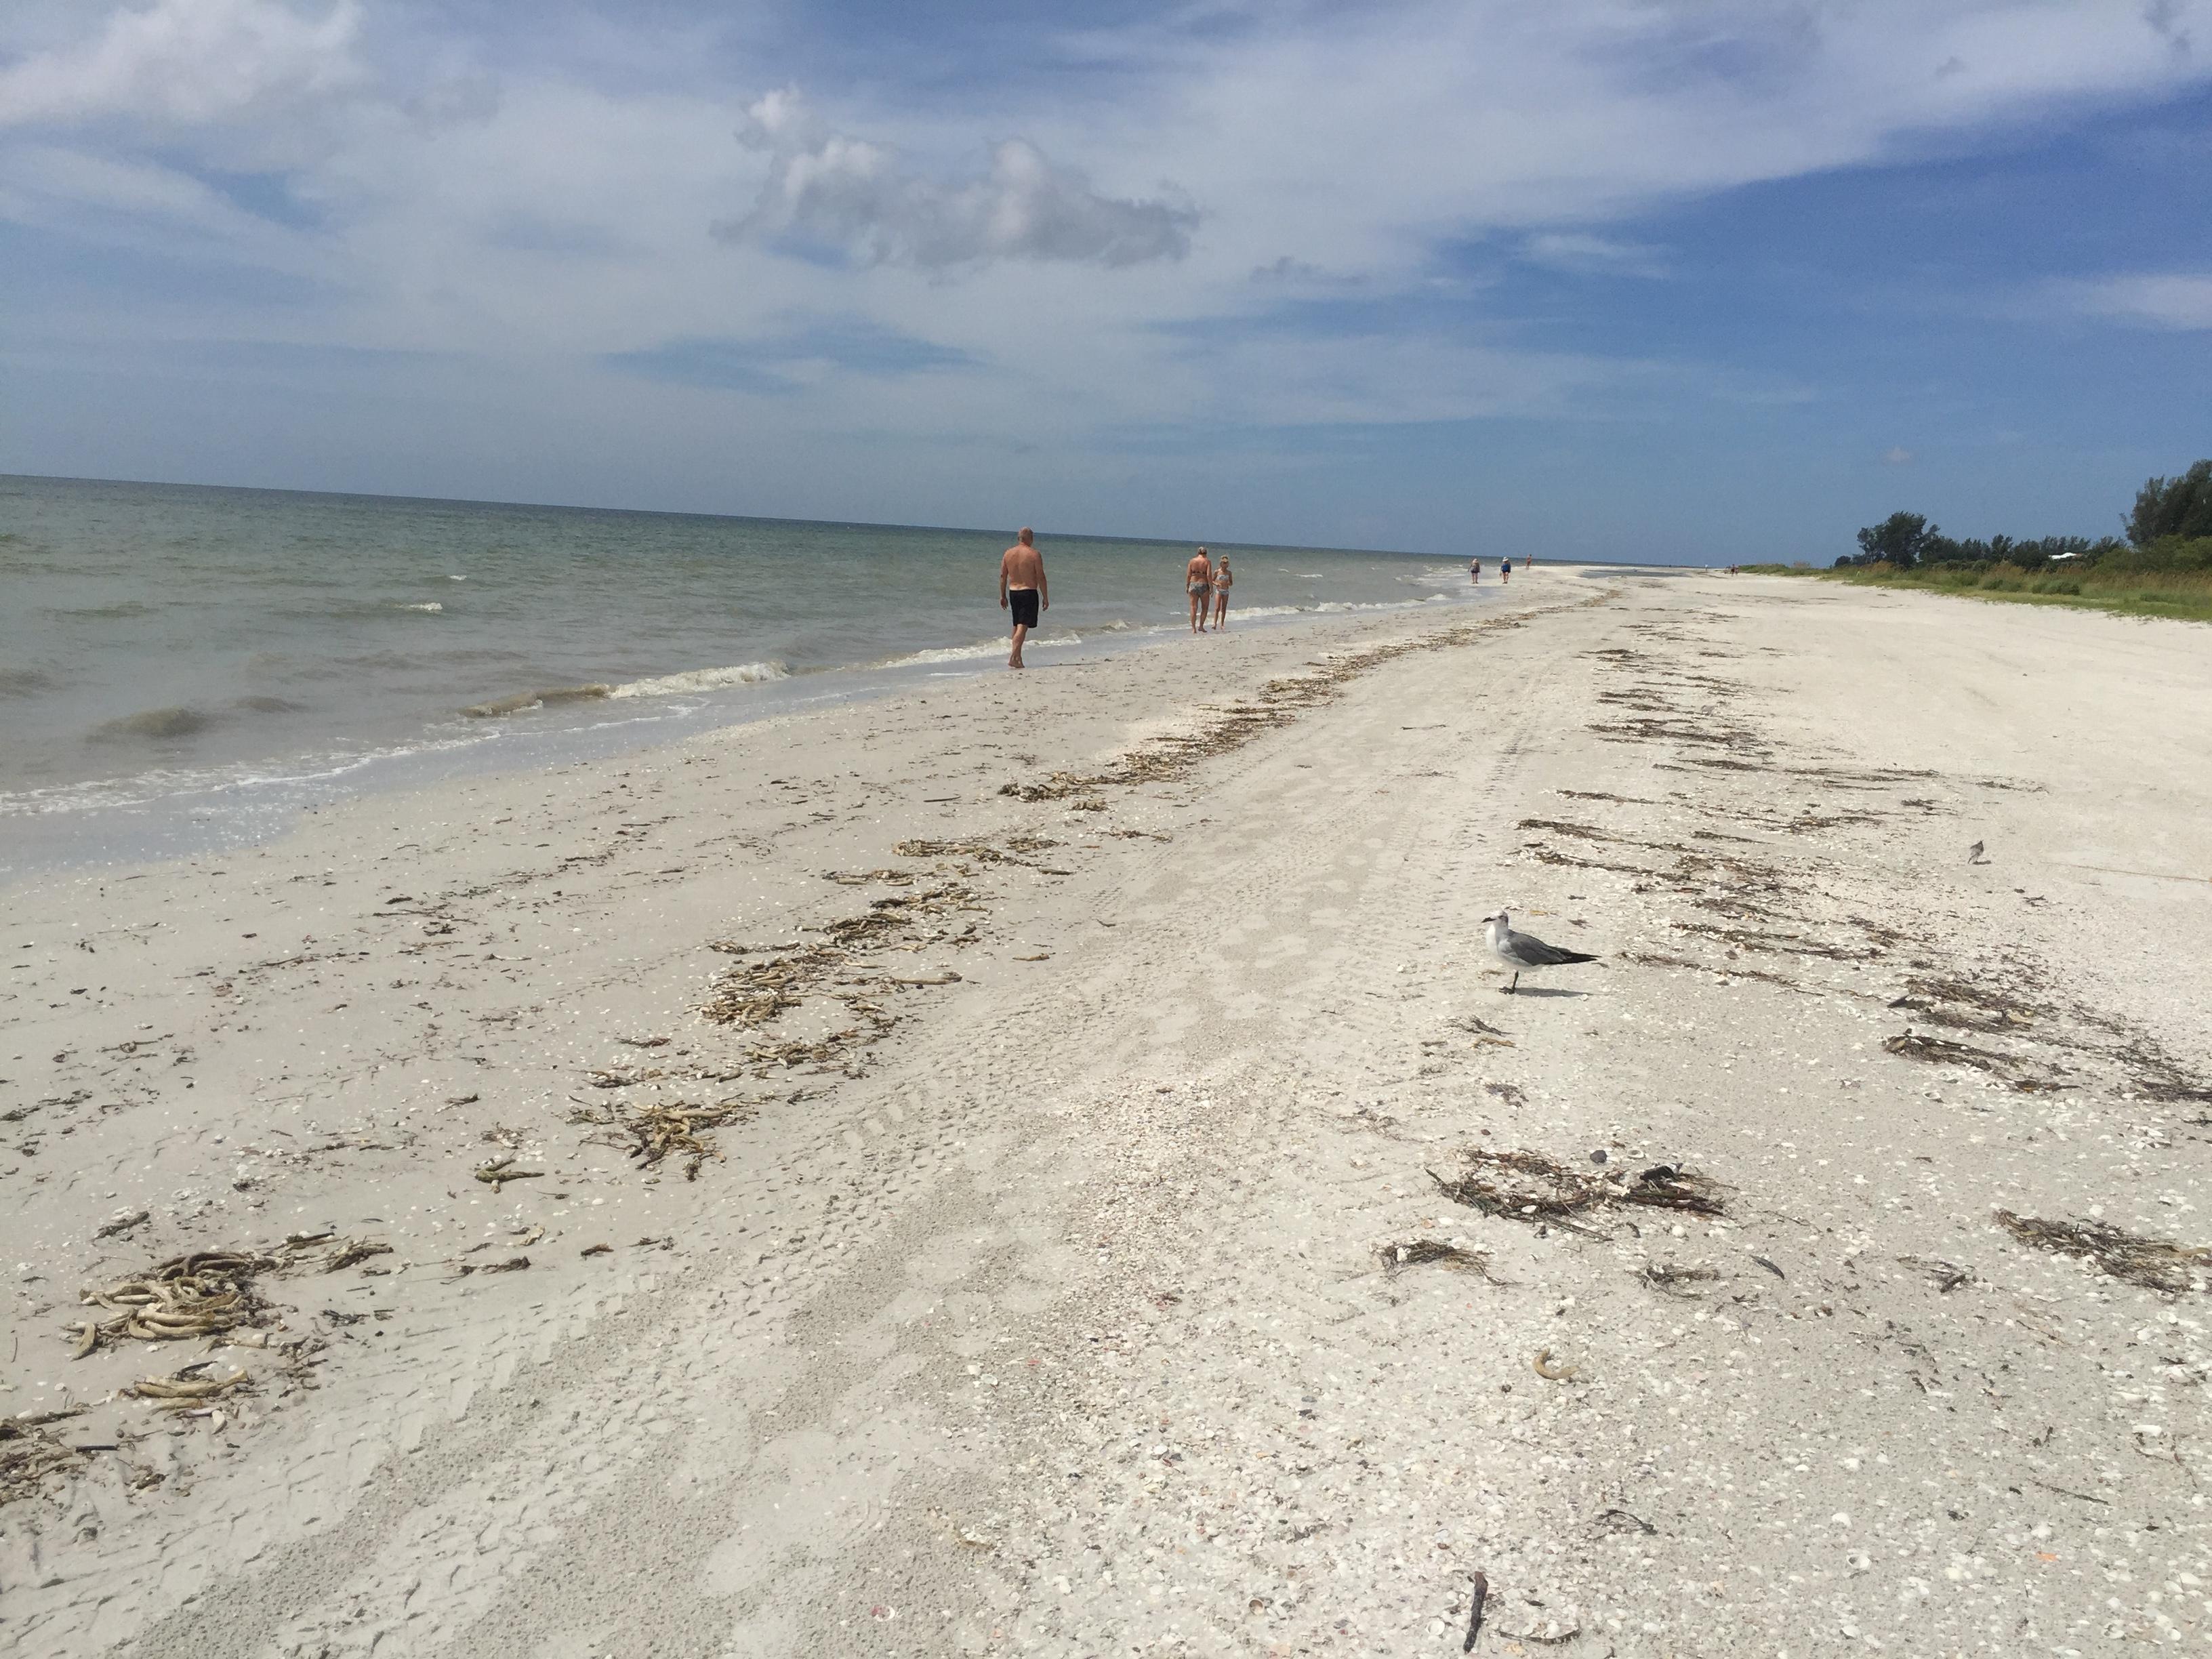 Looking for Shells on Sanibel Island, Florida